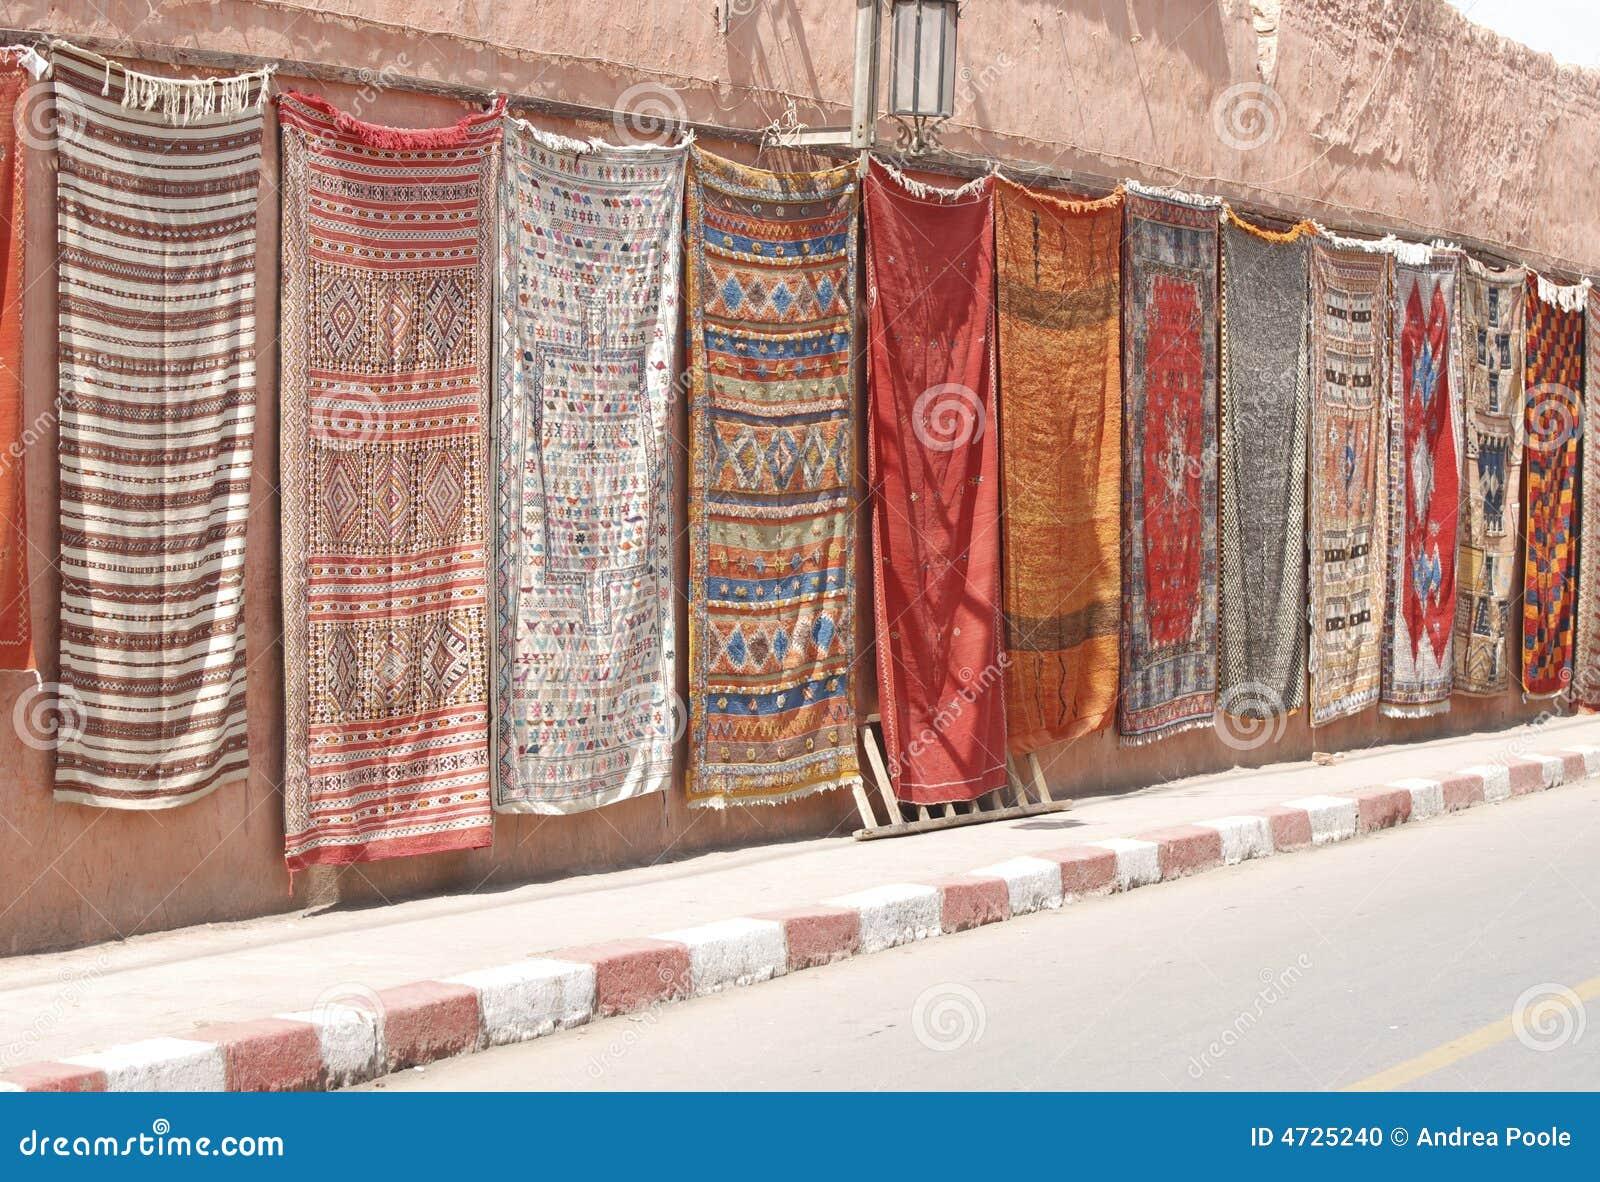 marokkanische teppiche auf einer wand stockfoto bild. Black Bedroom Furniture Sets. Home Design Ideas